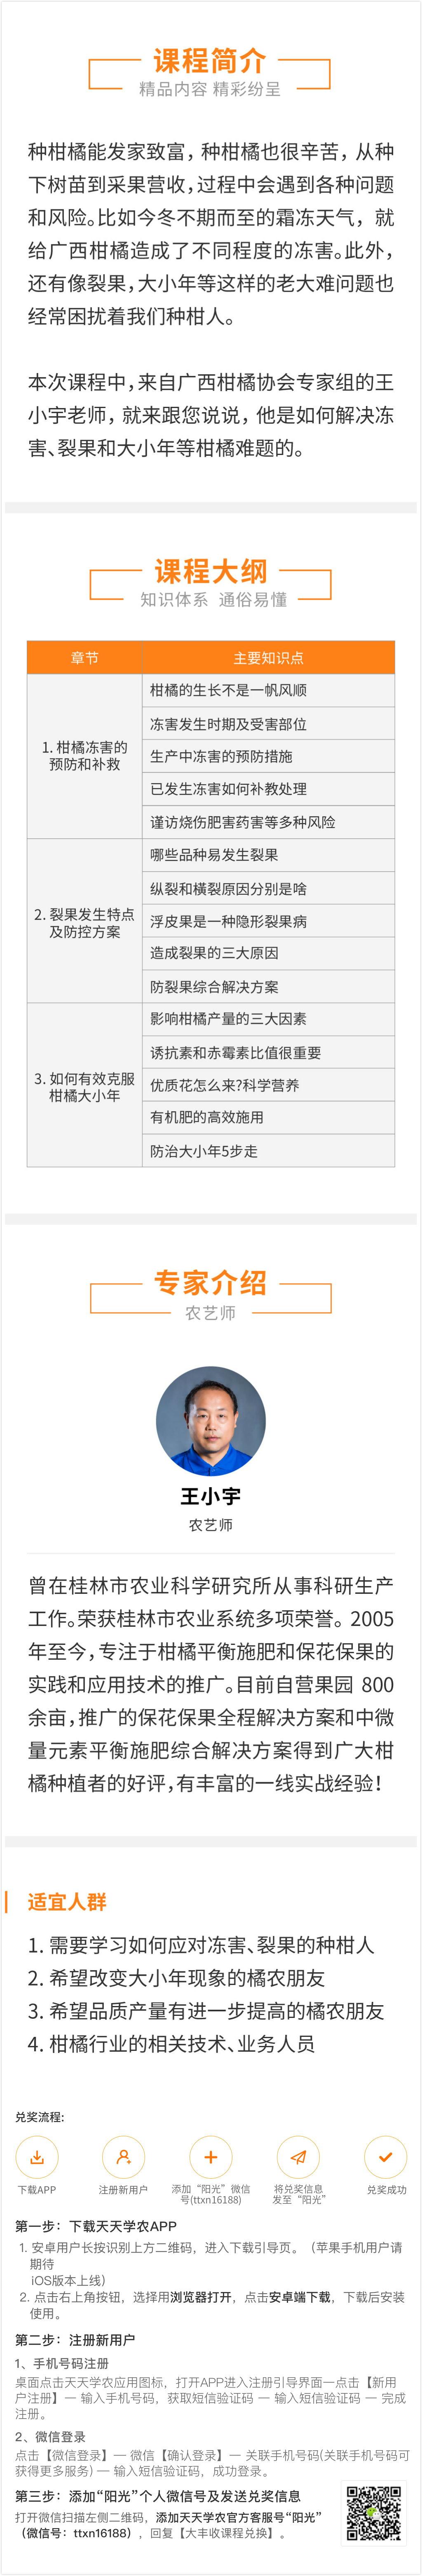 冻害、裂果、大小年综合防控方案课程_看图王.jpg